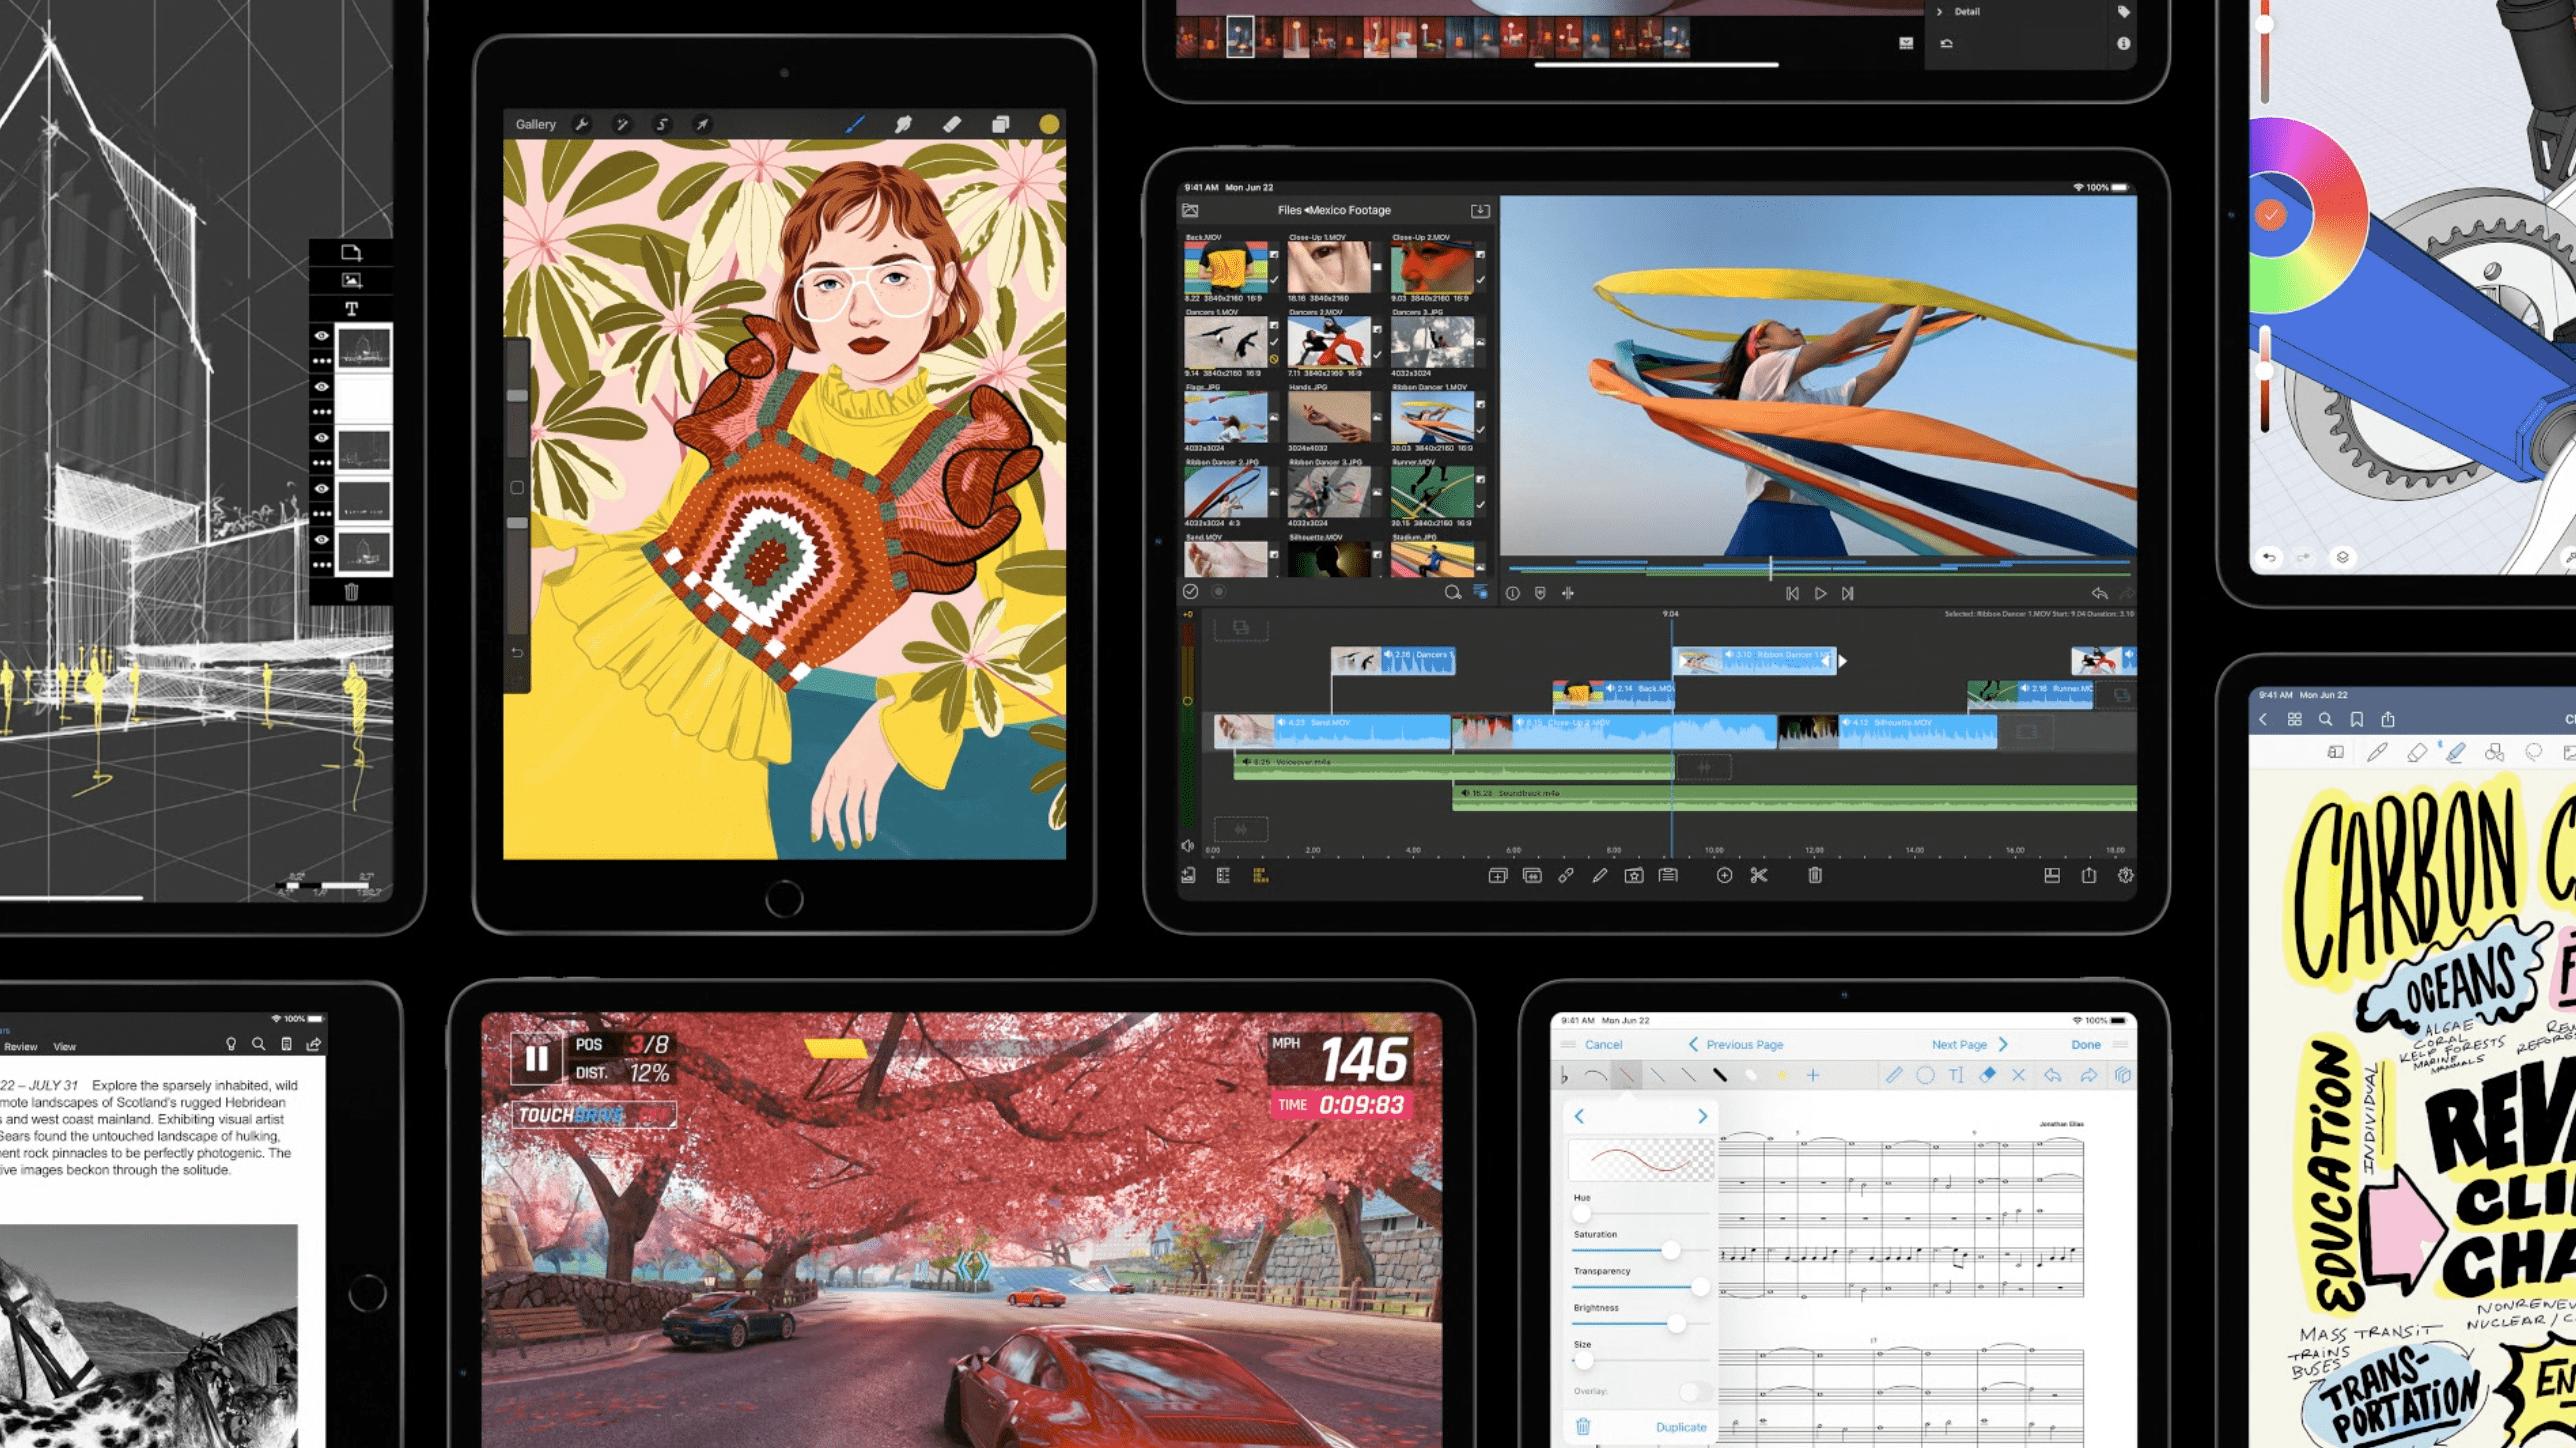 Skjermbilde 2020 06 22 kl. 19.32.51 - Snart kommer iOS 14 og iPad OS 14